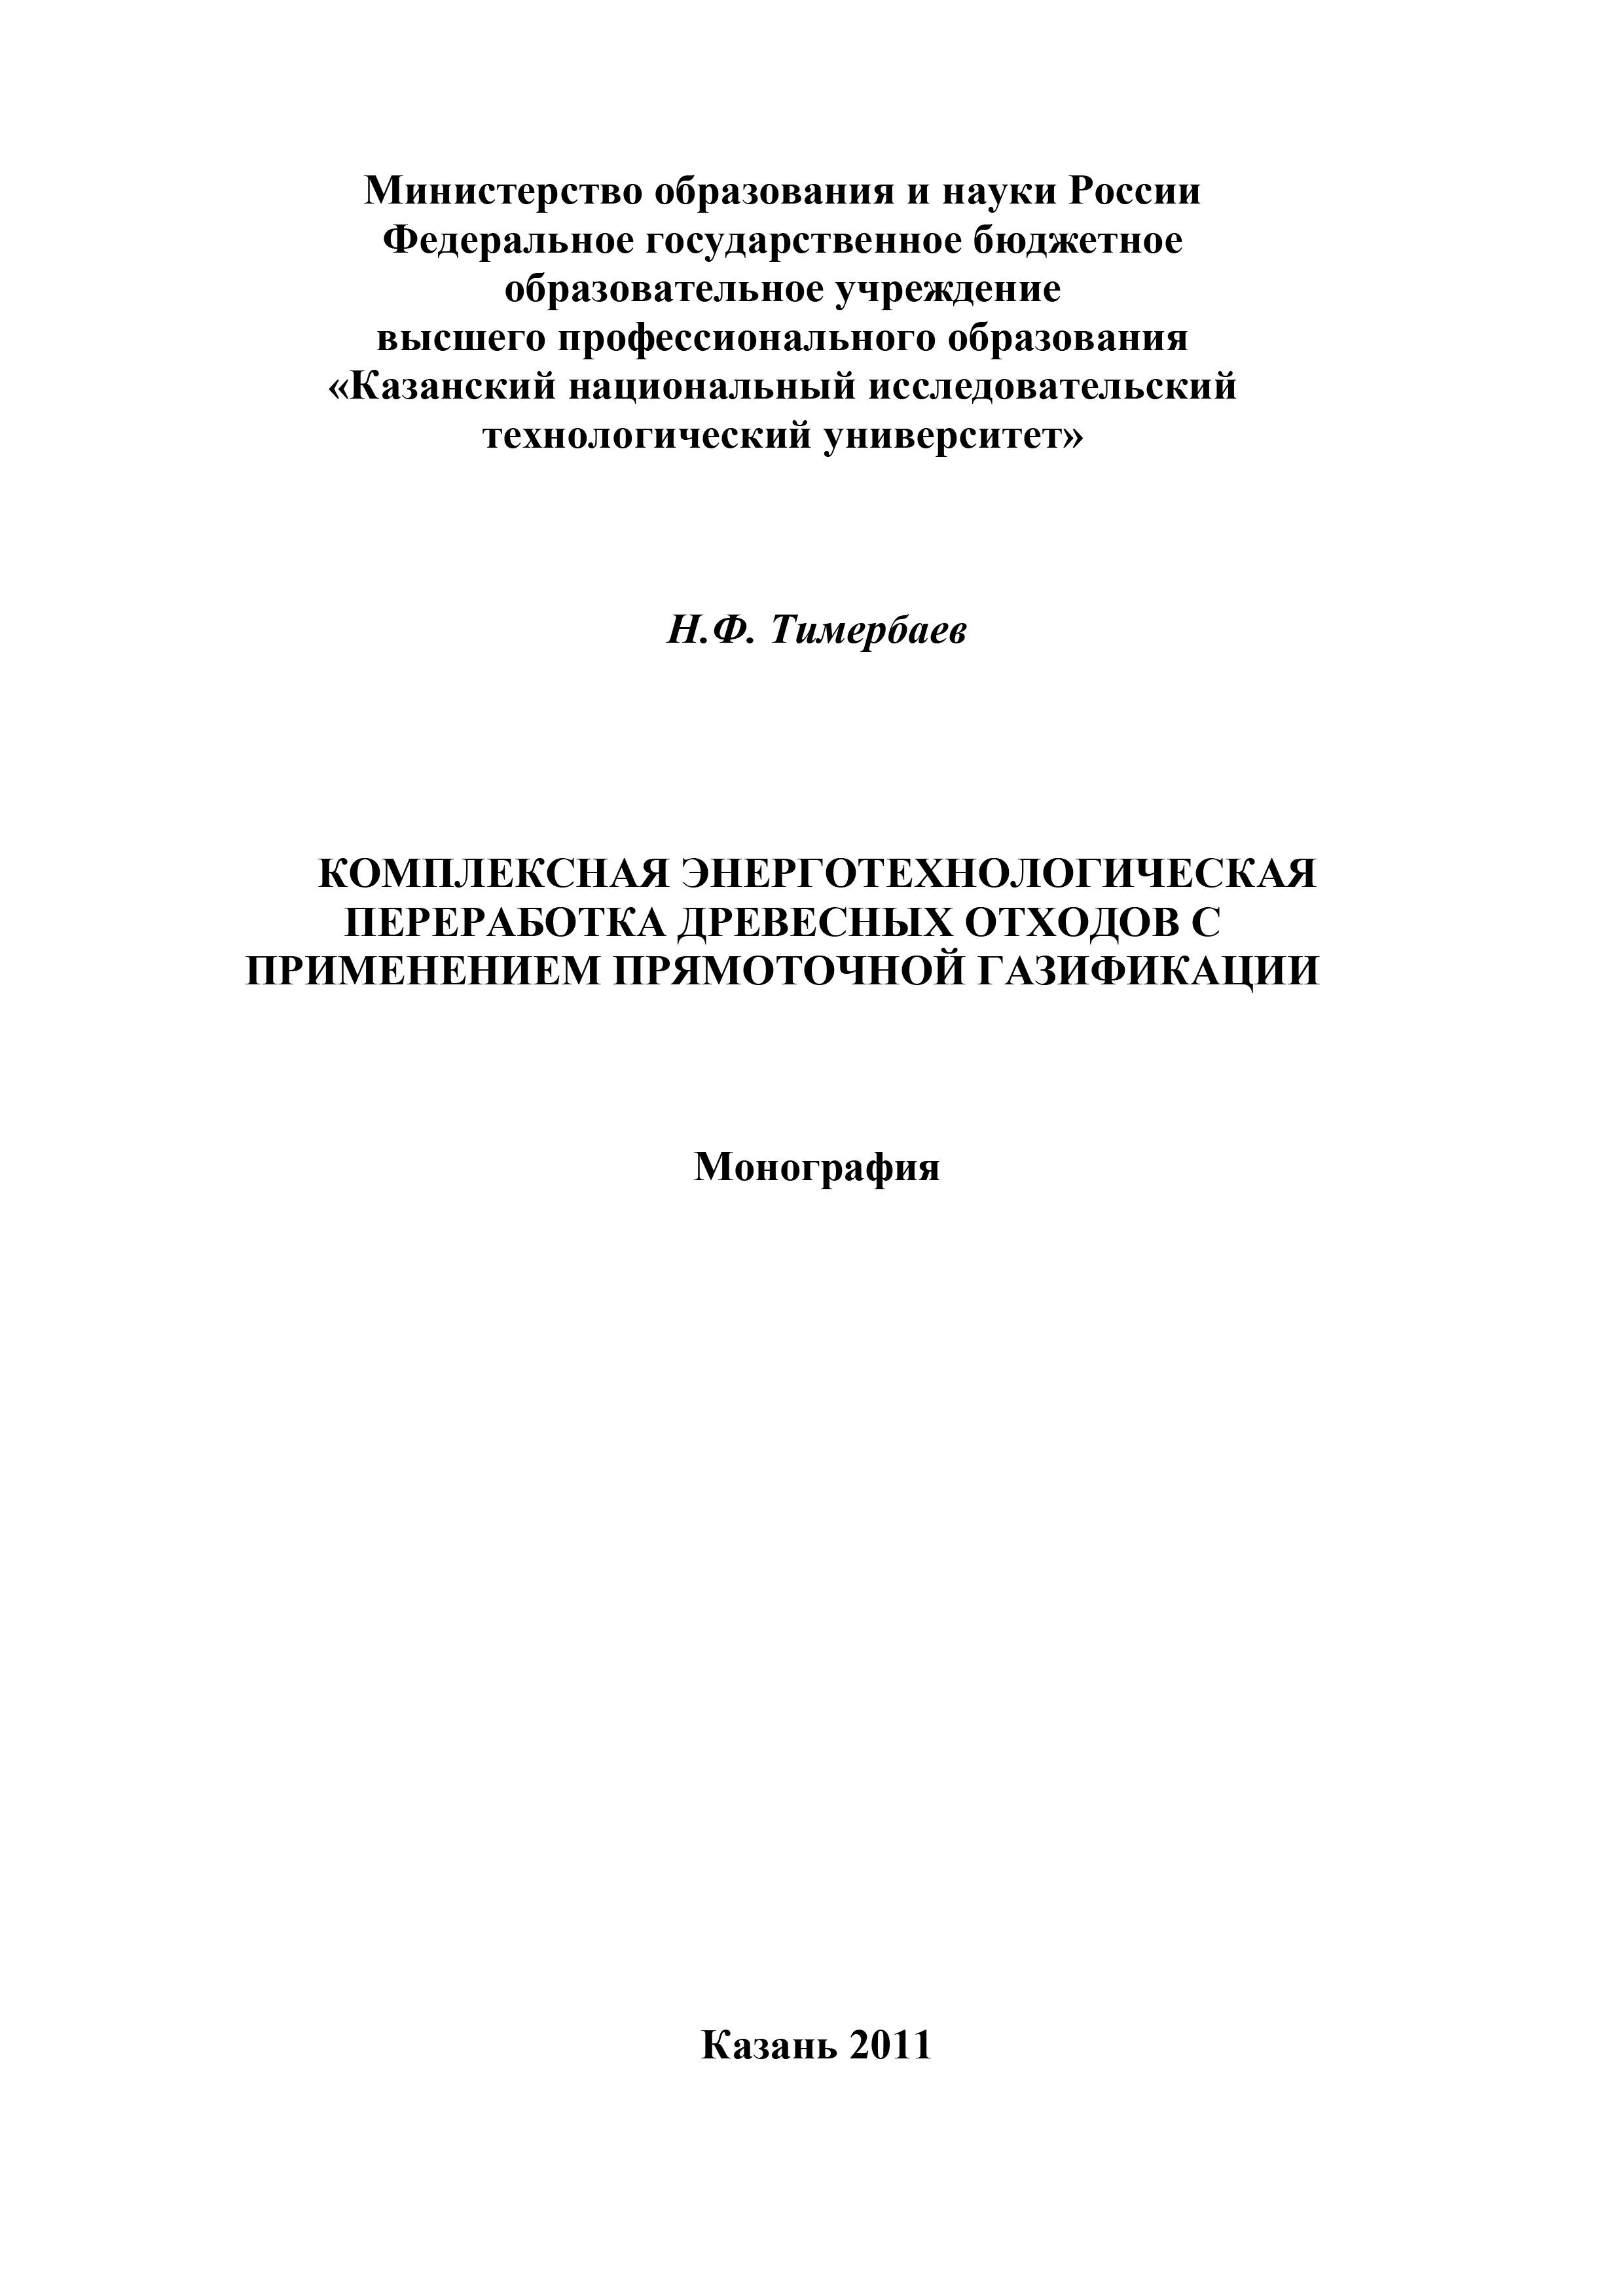 Н. Ф. Тимербаев Комплексная энерготехнологическая переработка древесных отходов с применением прямоточной газификации владимир кулифеев комплексное использование сырья и отходов переработка техногенных отходов